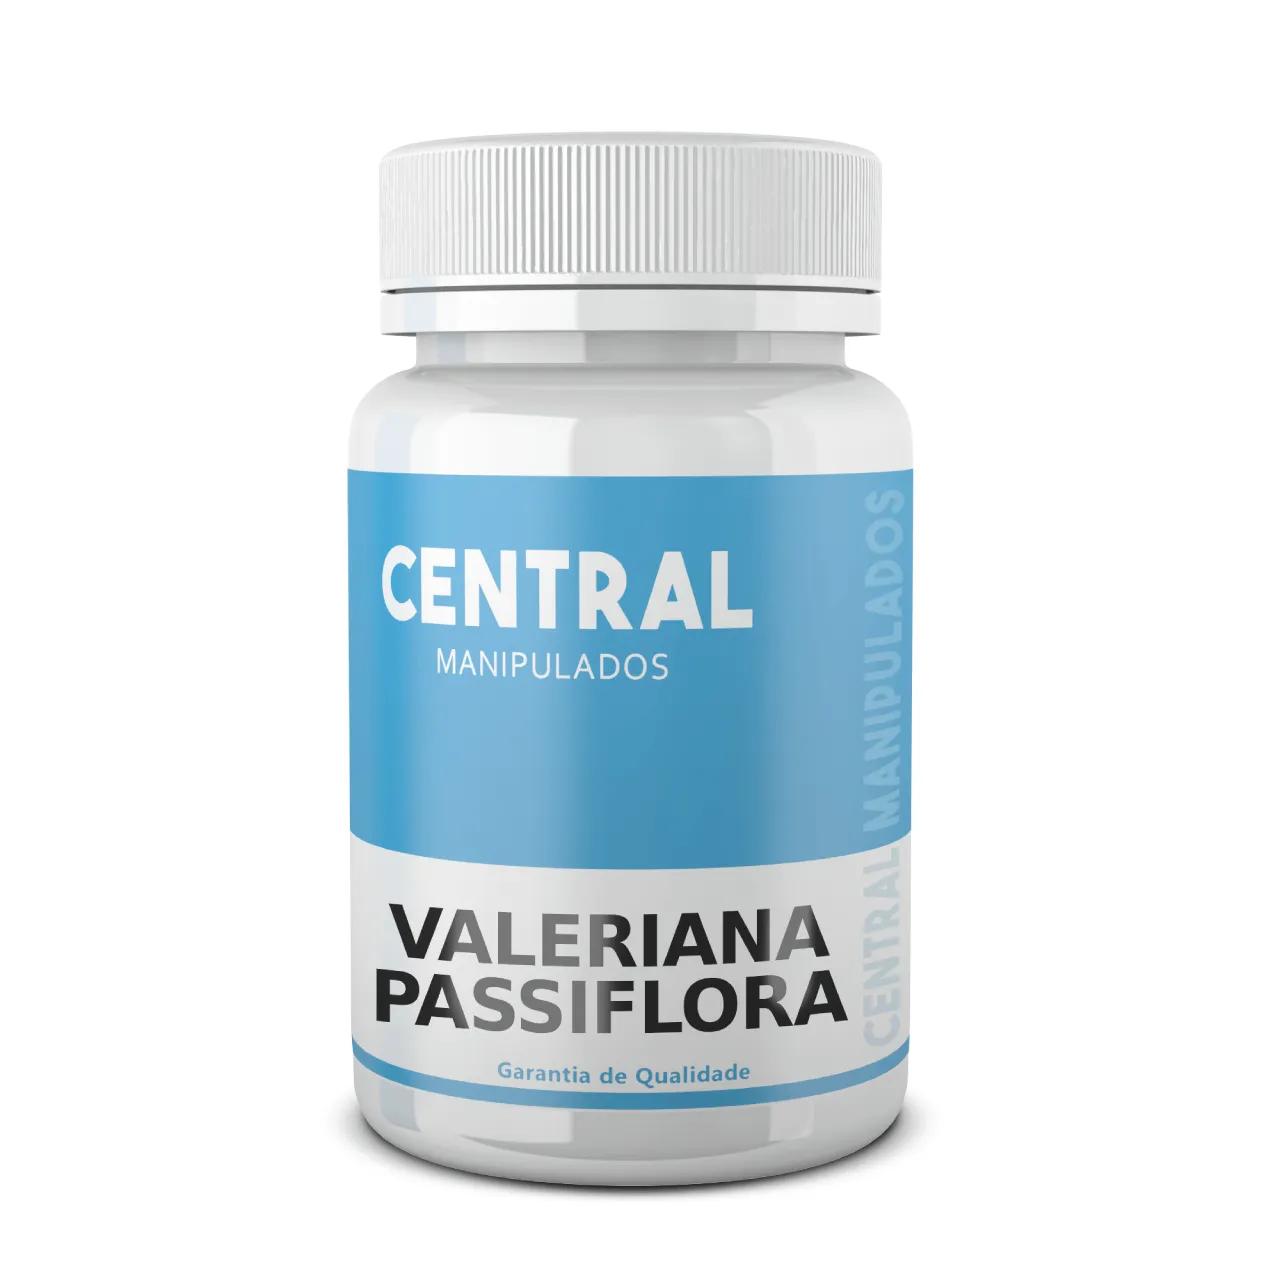 Valeriana 100mg + Passiflora 200mg - 30 cápsulas - Melhora ansiedade, insônia, tensão, estresse. Efeito calmante